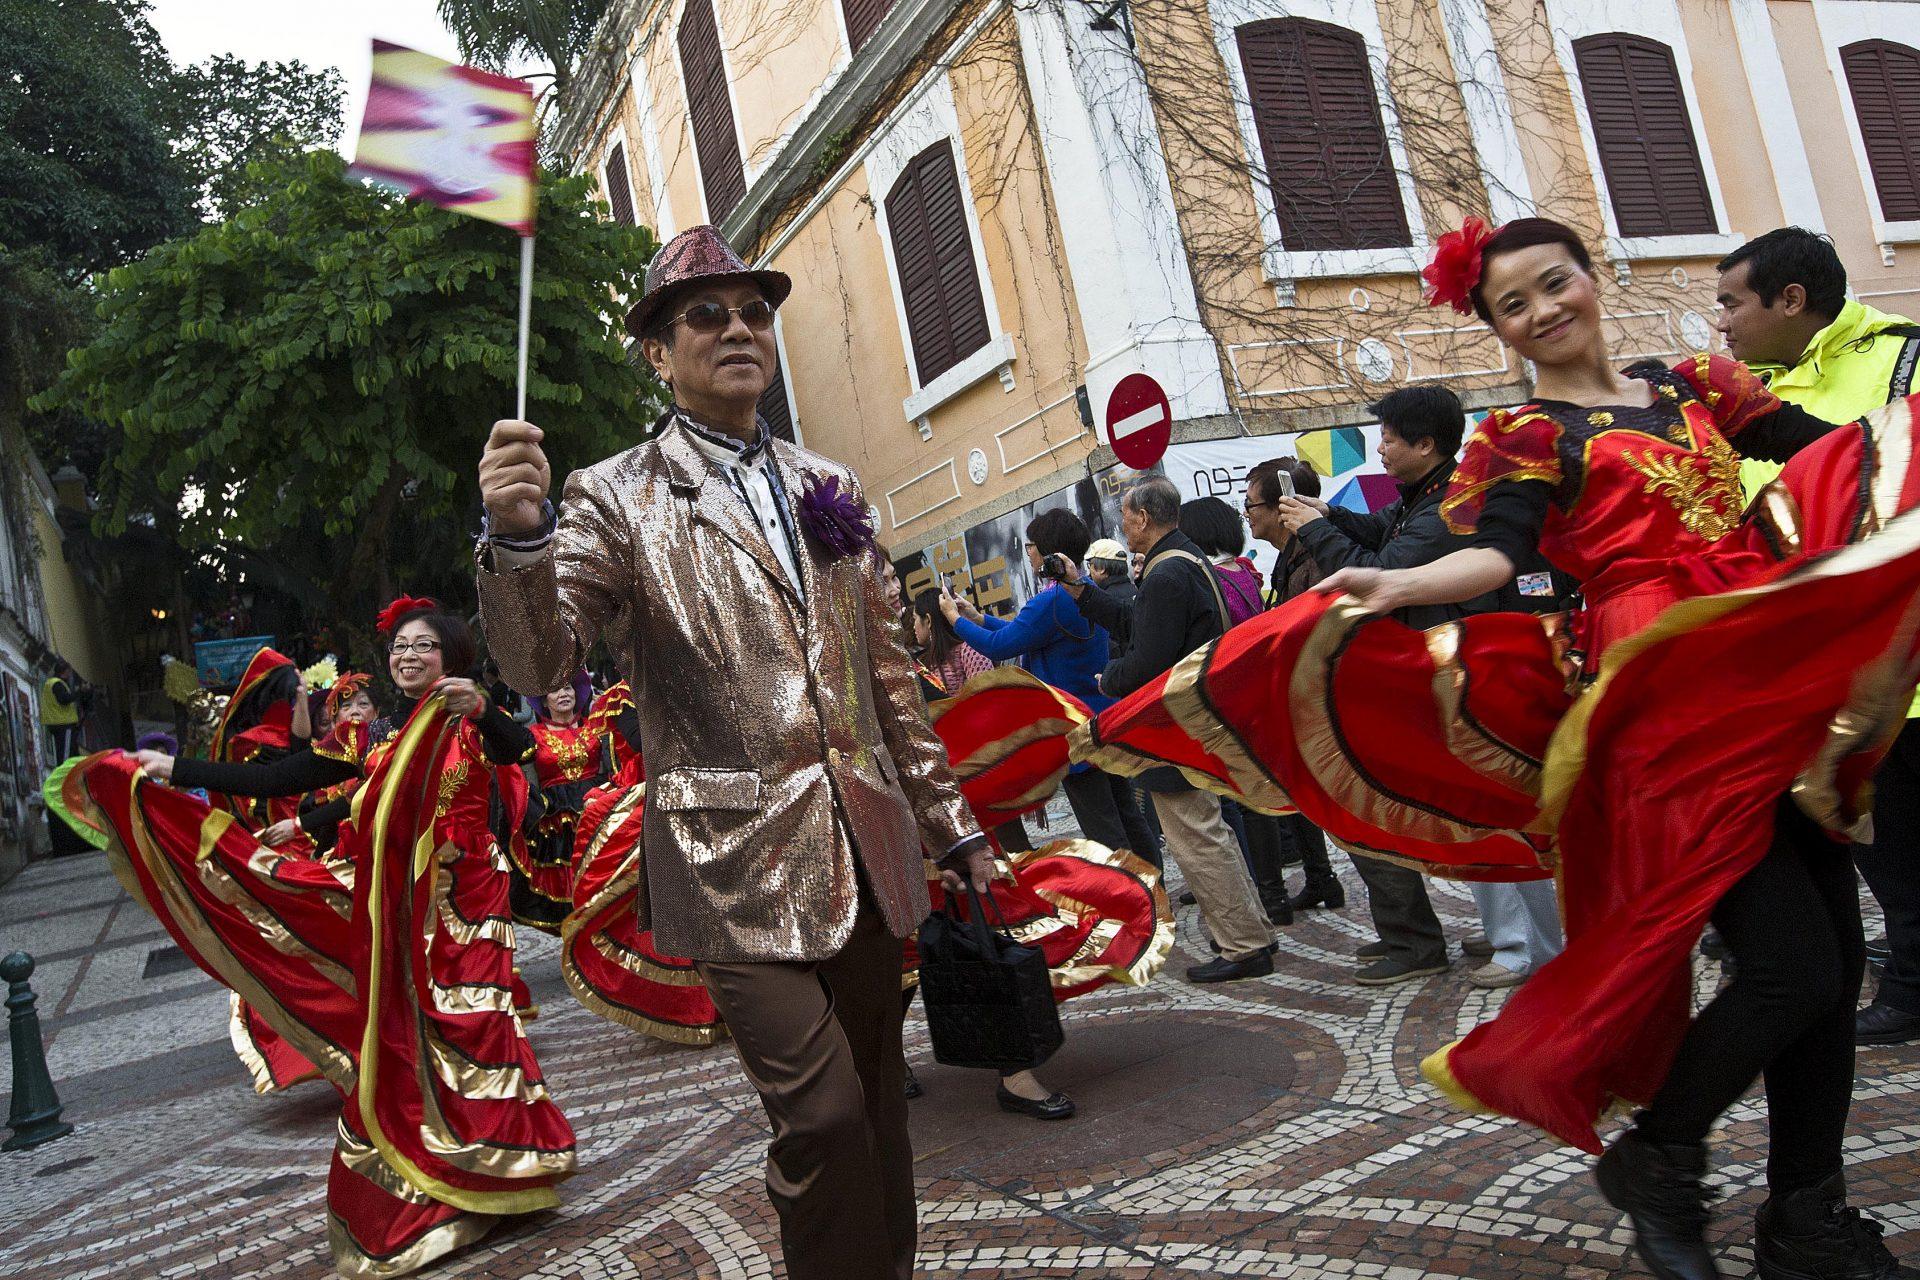 """Centenas de figurantes desfilam pelas ruas de Macau integrados no """"Desfile por Macau, Cidade Latina"""" que celebrou os 15 anos da transferência de poderes de Portugal para a China. 14 de Dezembro de 2014, Macau. CARMO CORREIA/LUSA"""